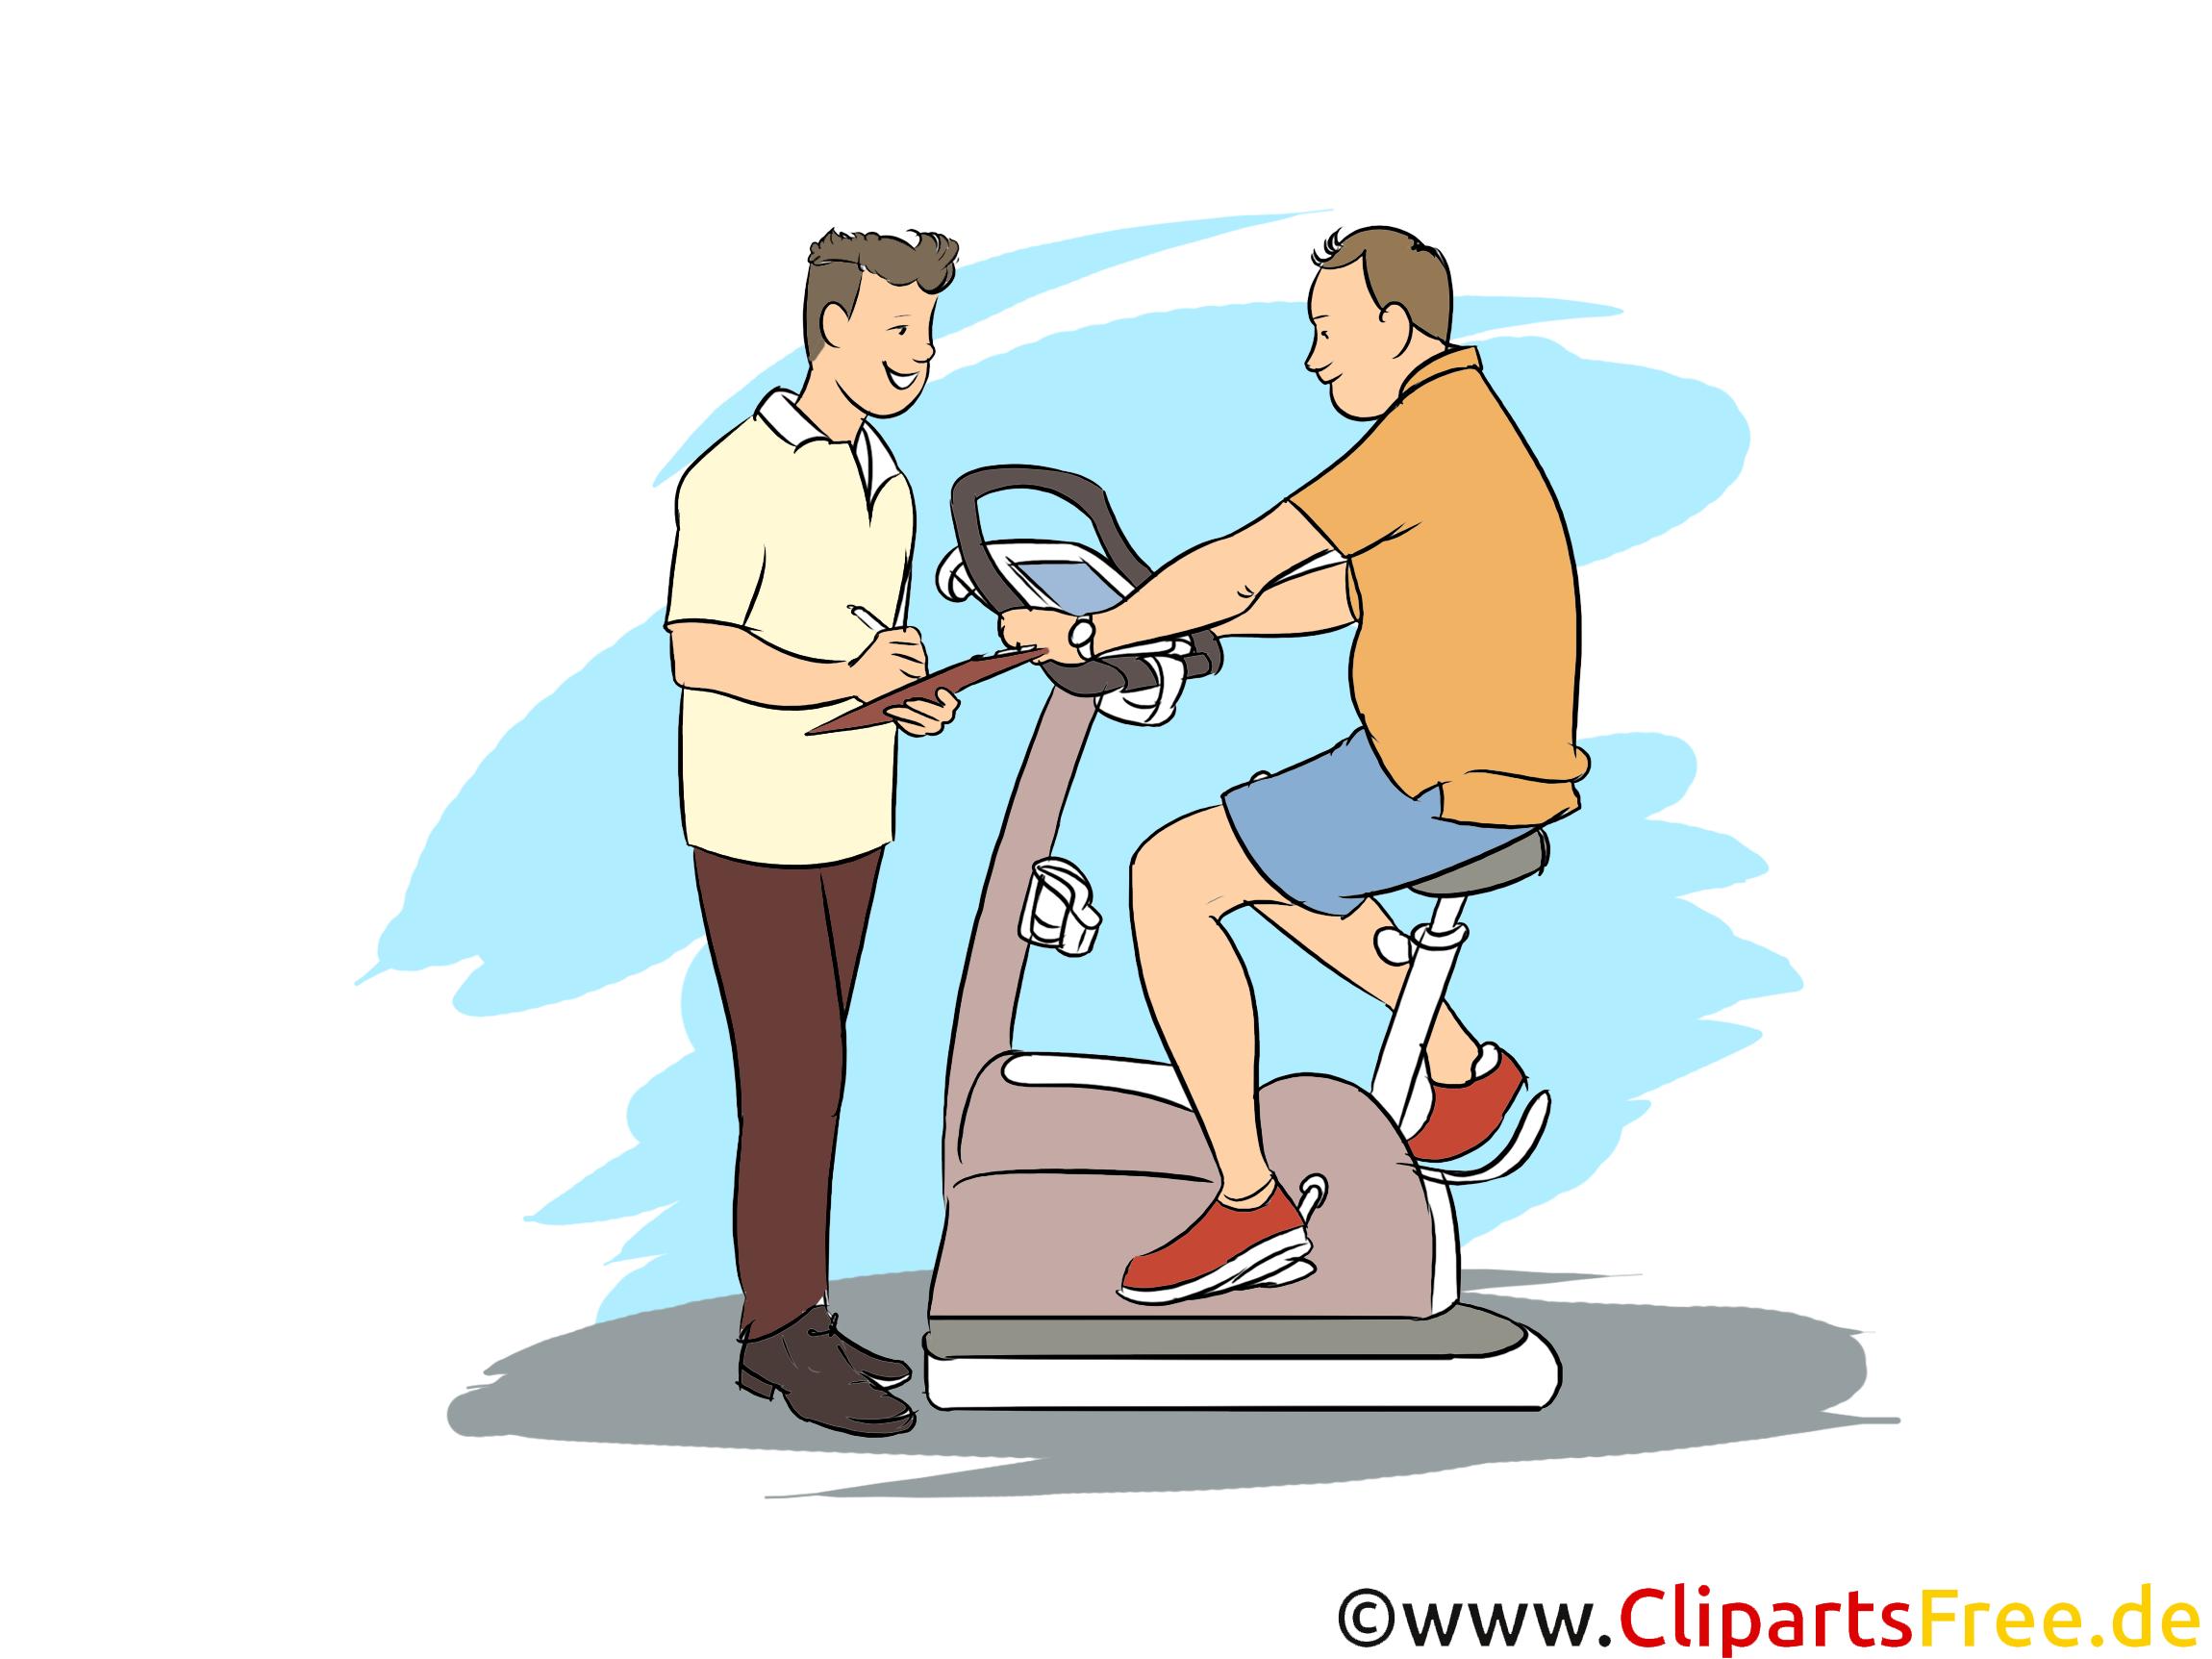 Sportfachmann Clipart, Bild, Grafik zum Thema Ausbildungsberufe